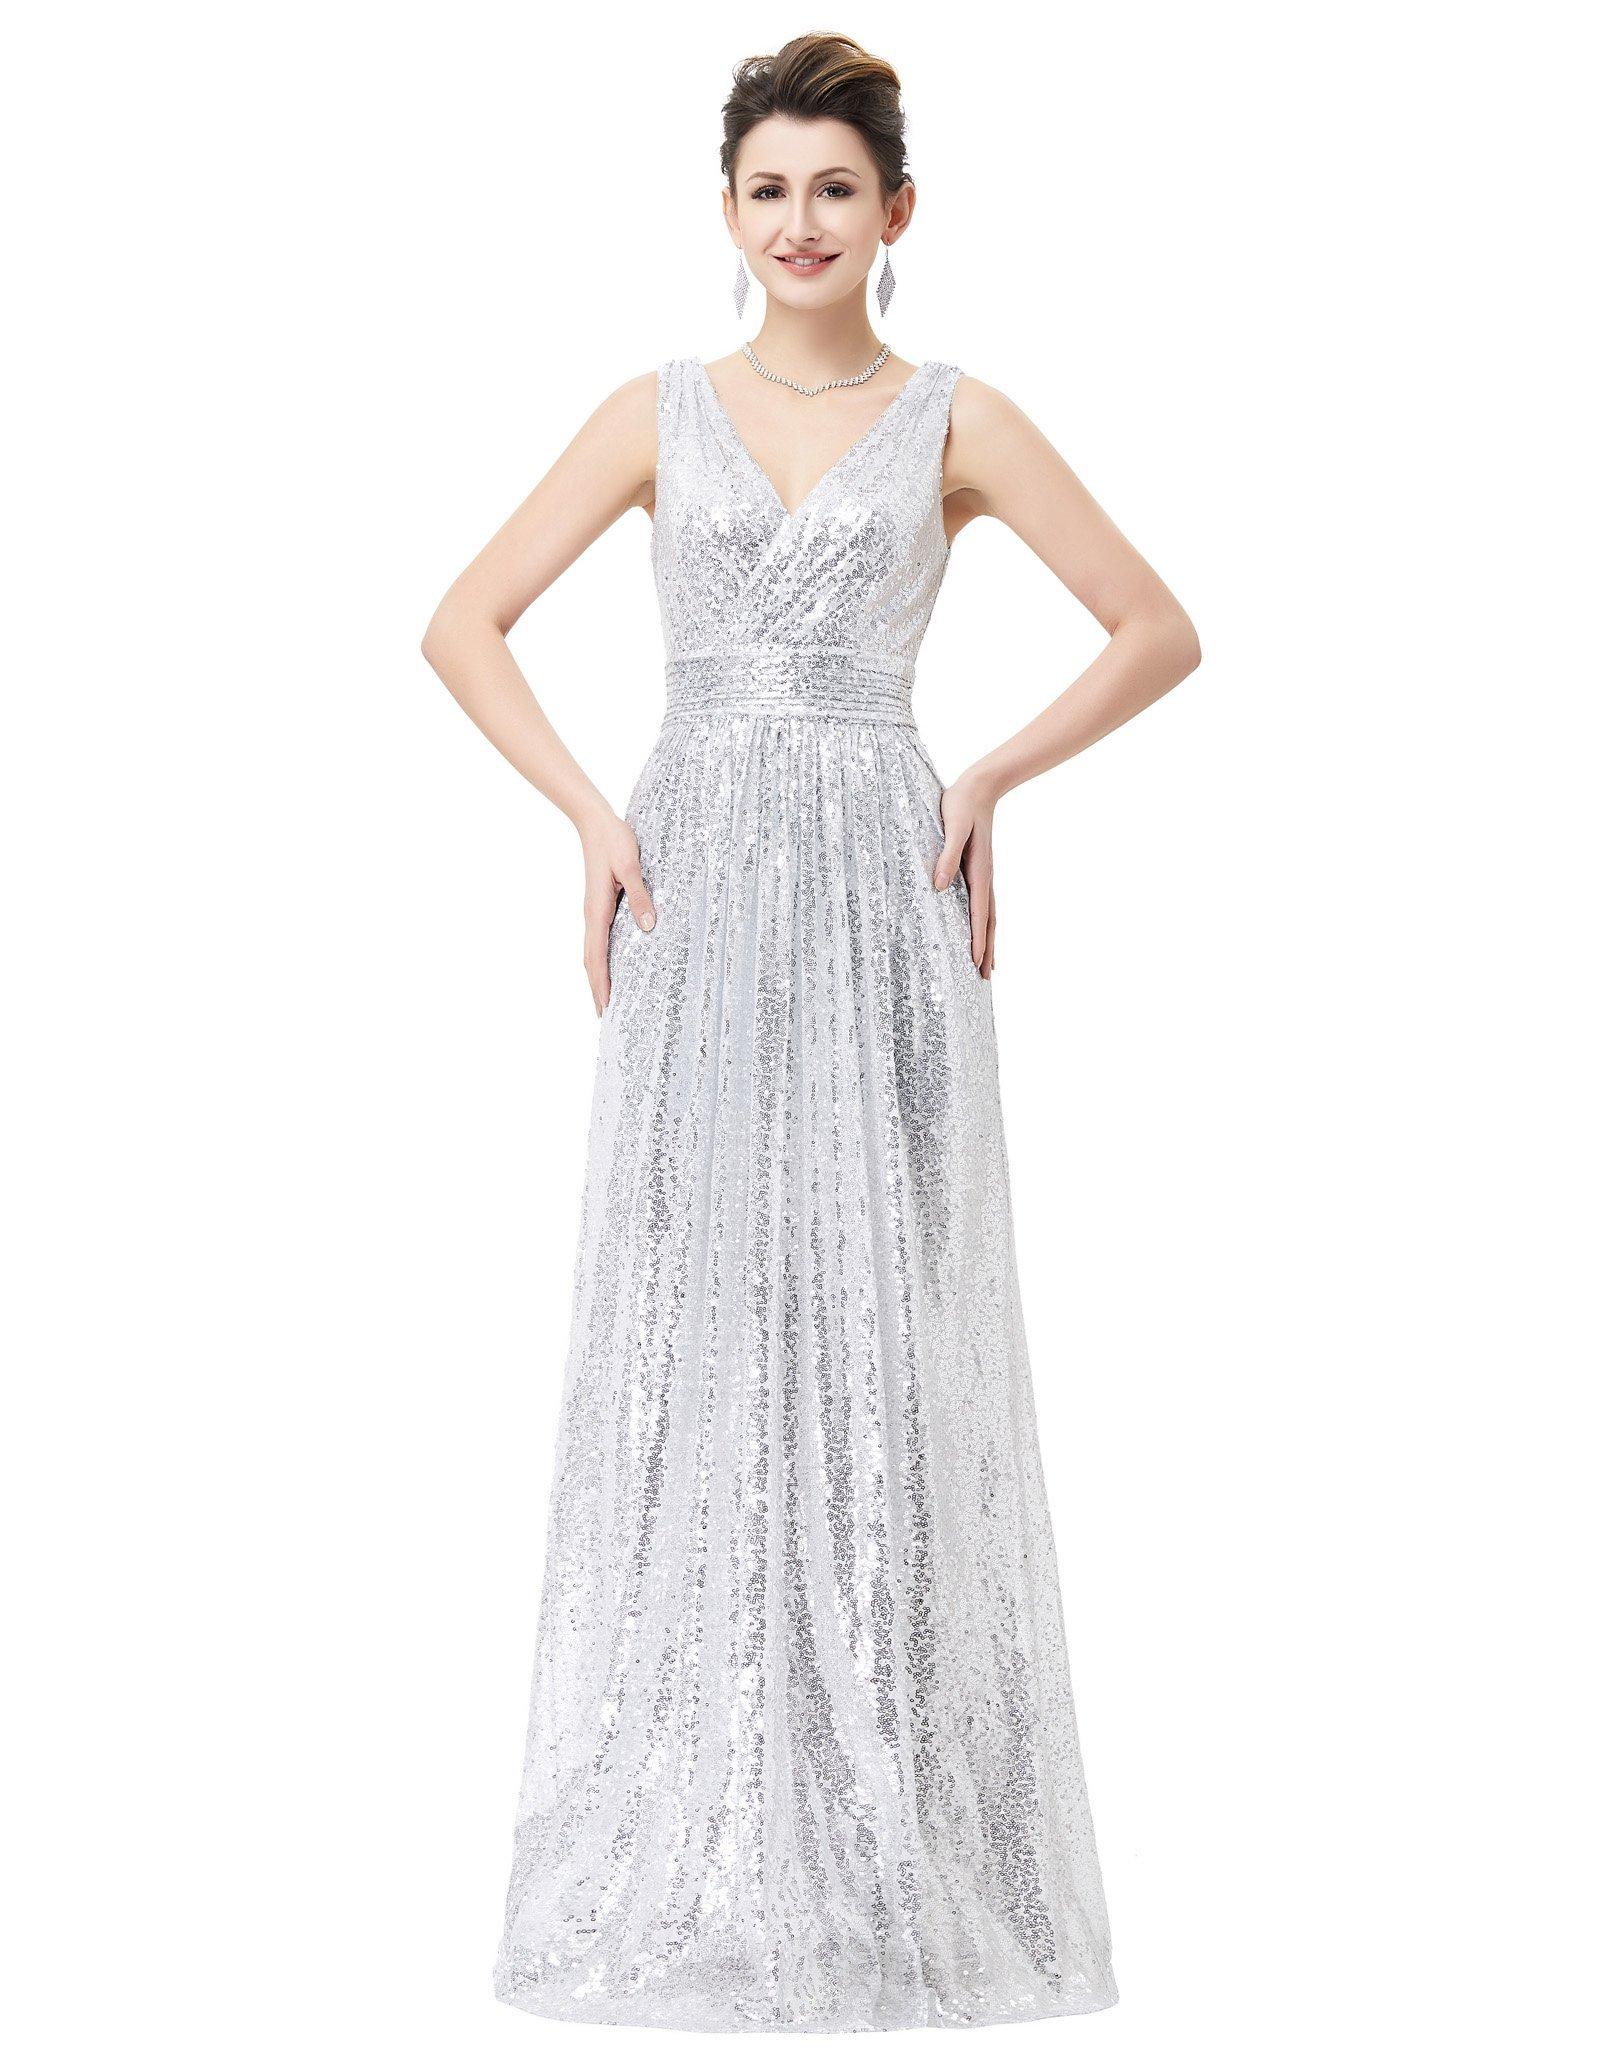 Pleated Waist Dress Women Sequin Bridesmaid Dress Silver Size 14 KK199